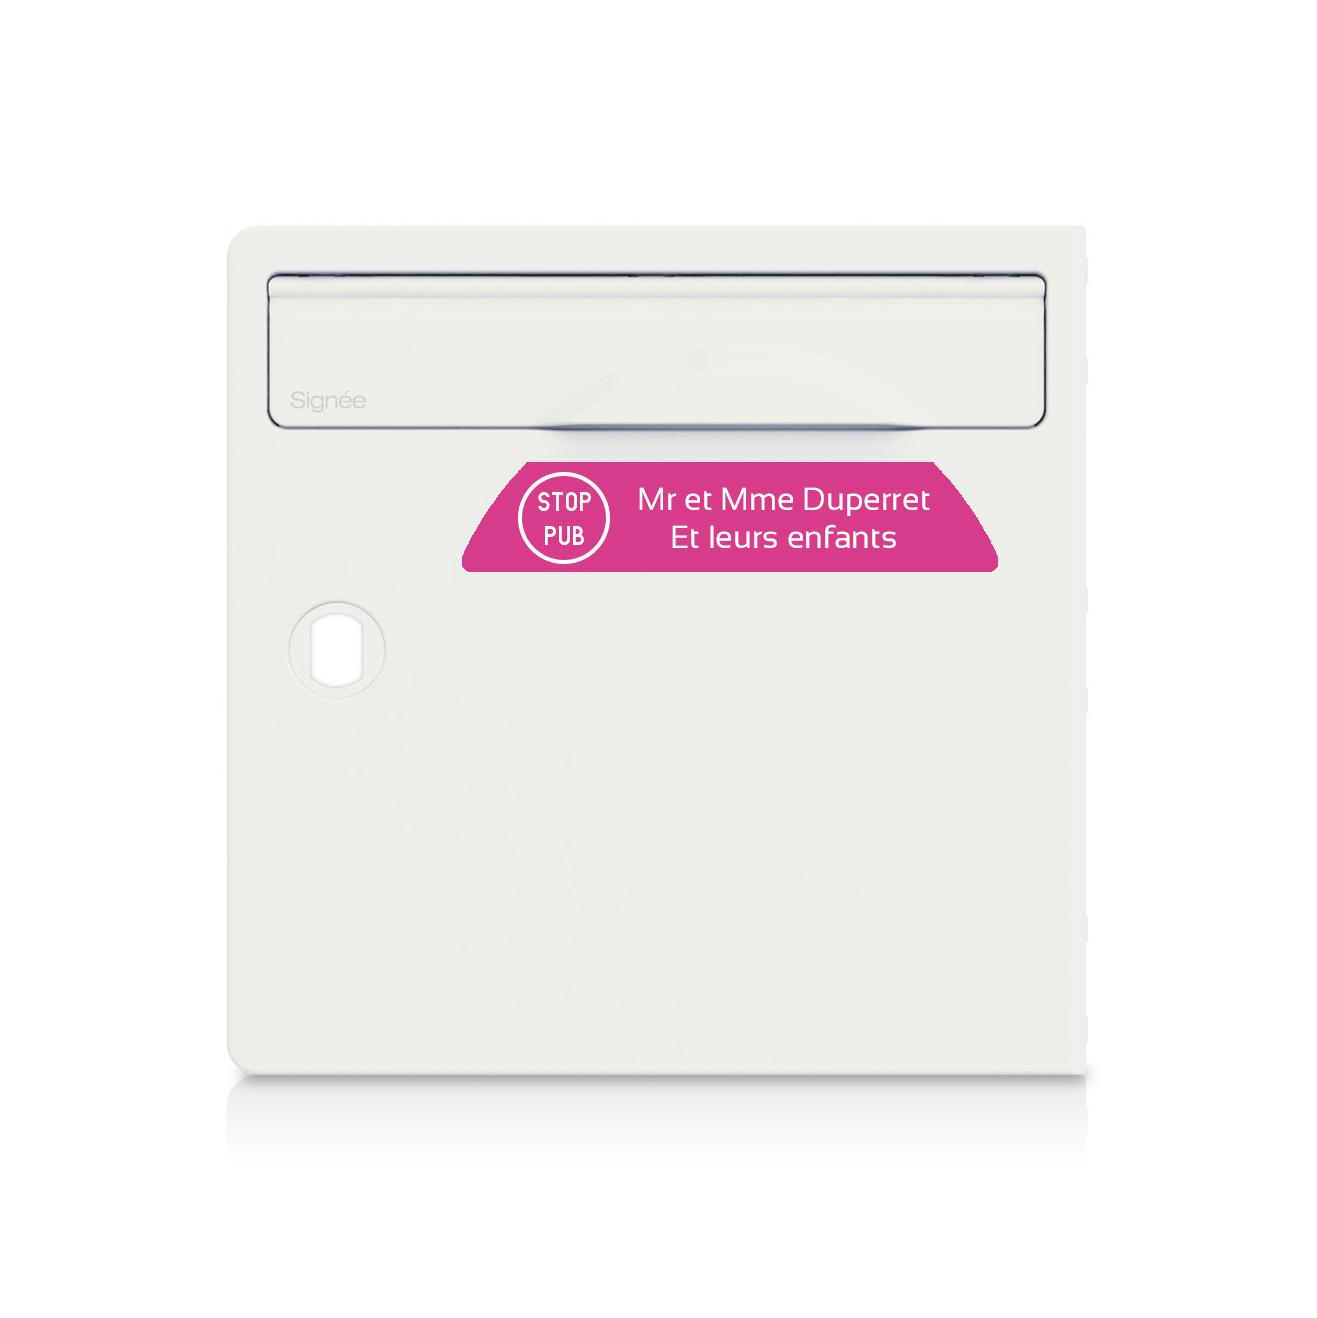 plaque boite aux lettres Signée STOP PUB rose lettres blanches - 2 lignes